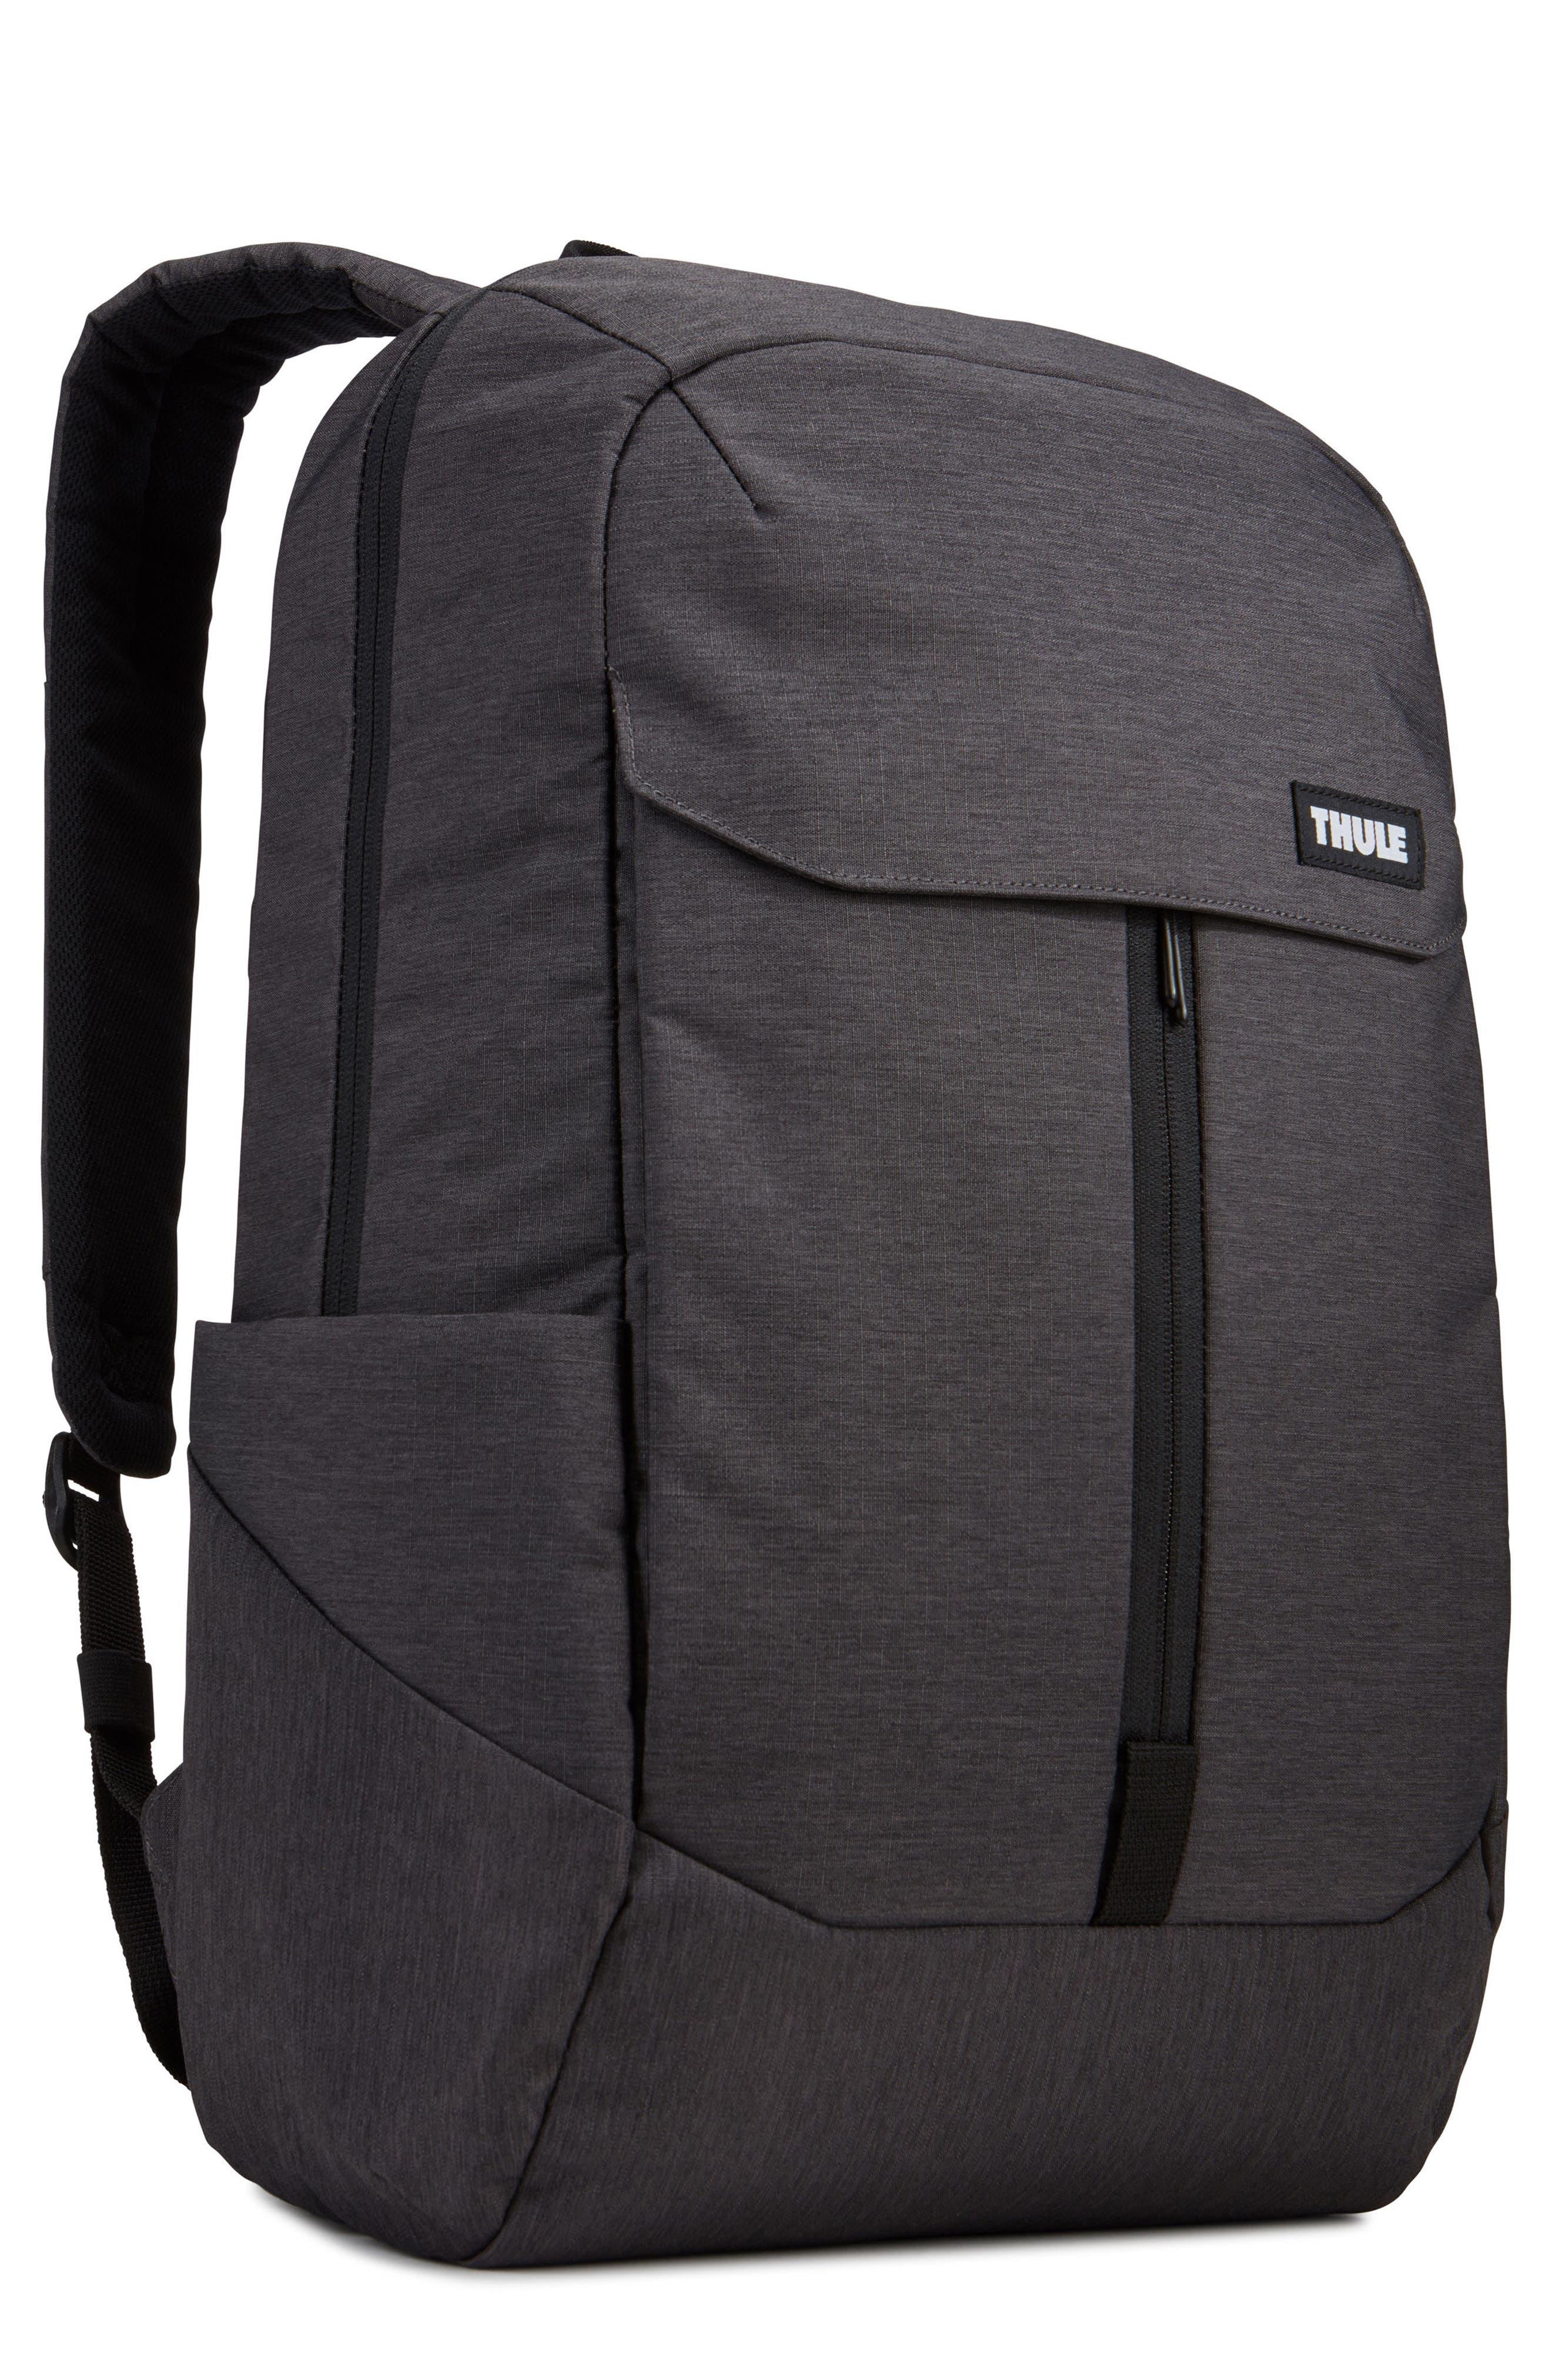 THULE,                             Lithos Backpack,                             Main thumbnail 1, color,                             BLACK